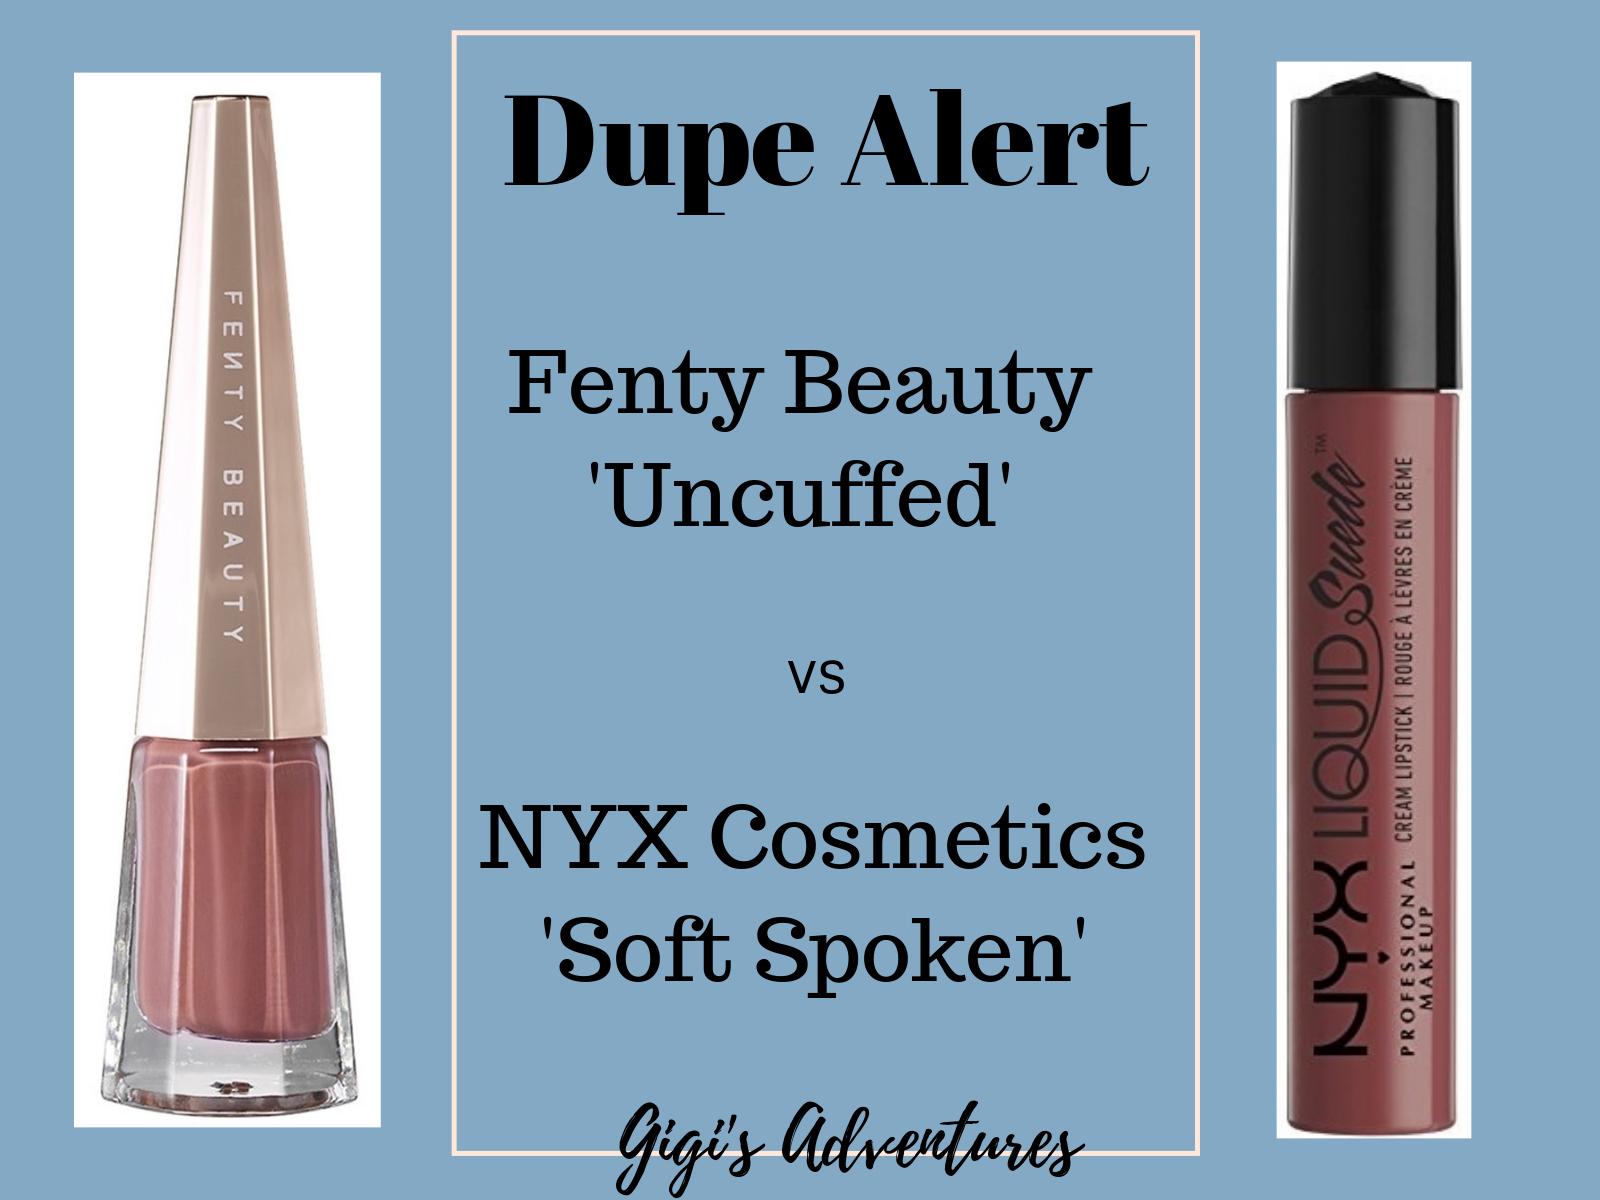 Dupe Alert: Fenty Stunna Lip Paint